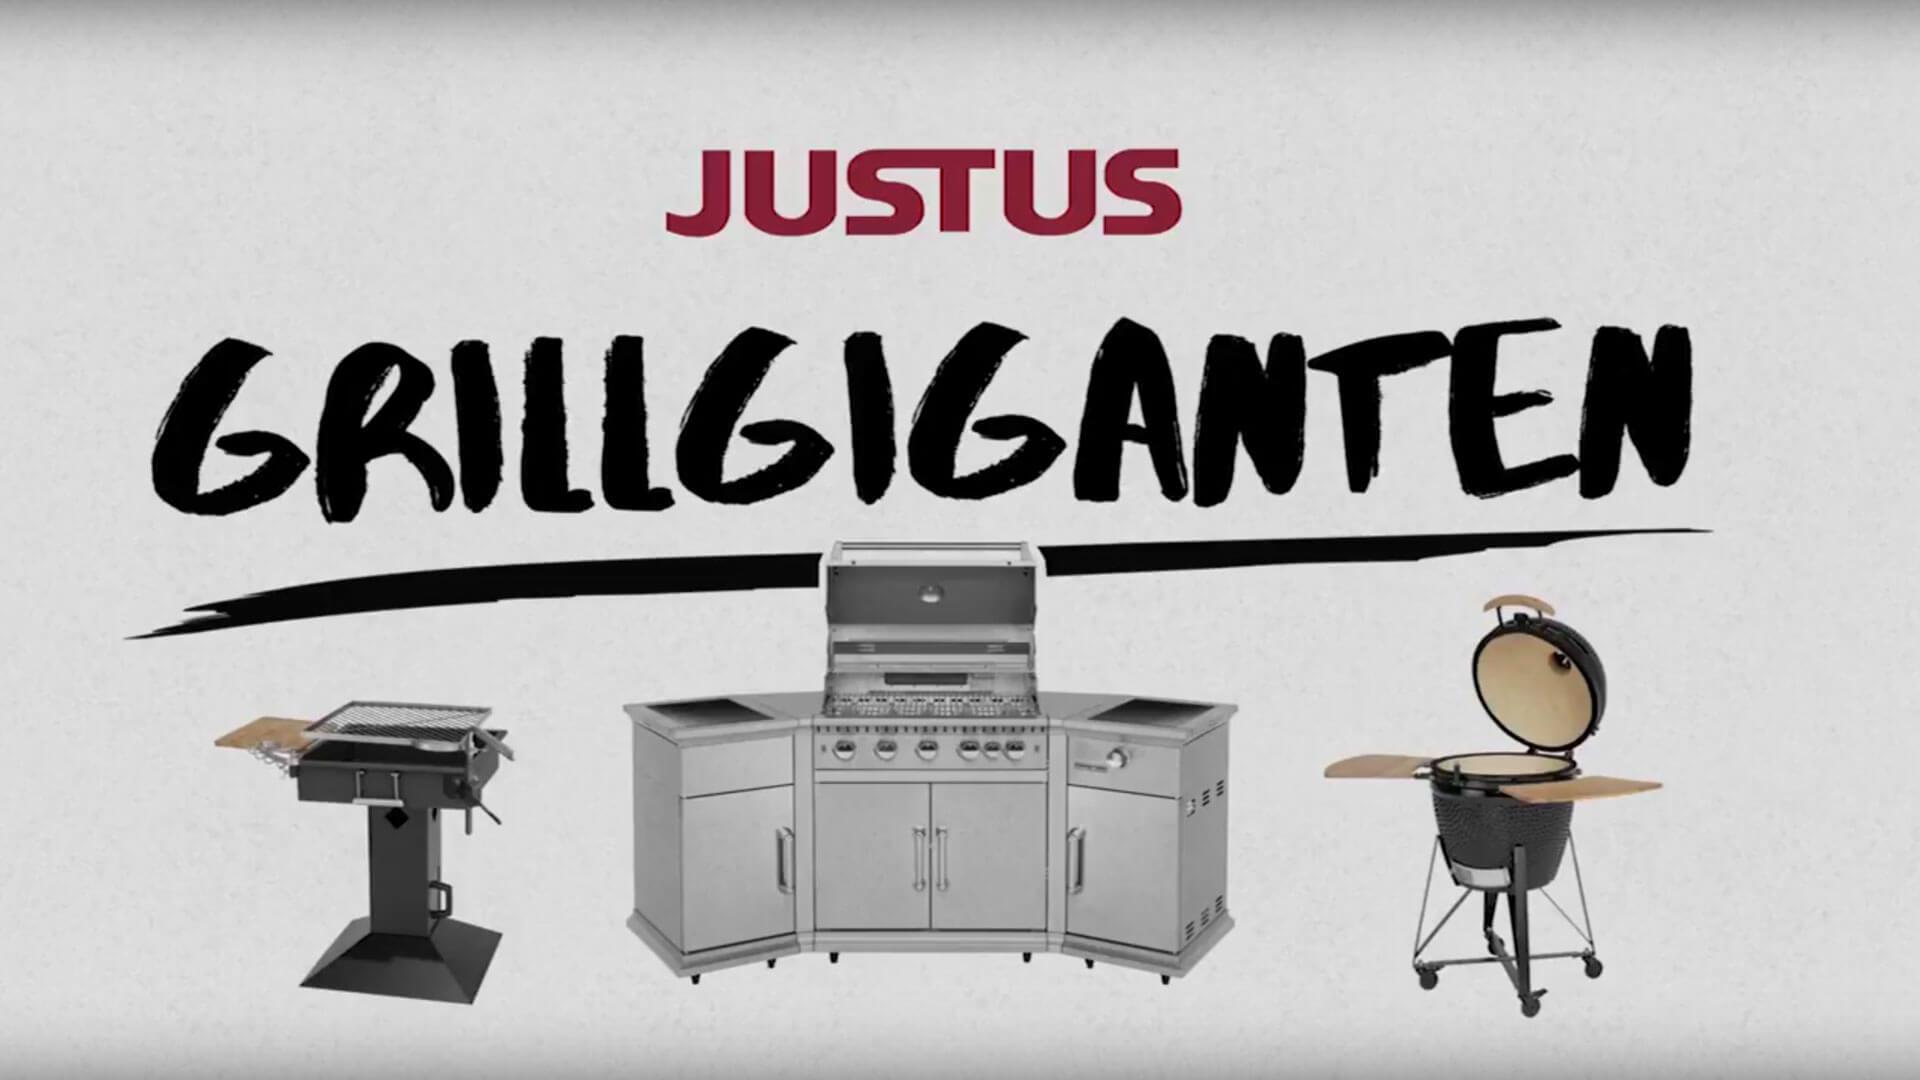 Referenz: Oranier Erklärvideo Justus Grillgiganten